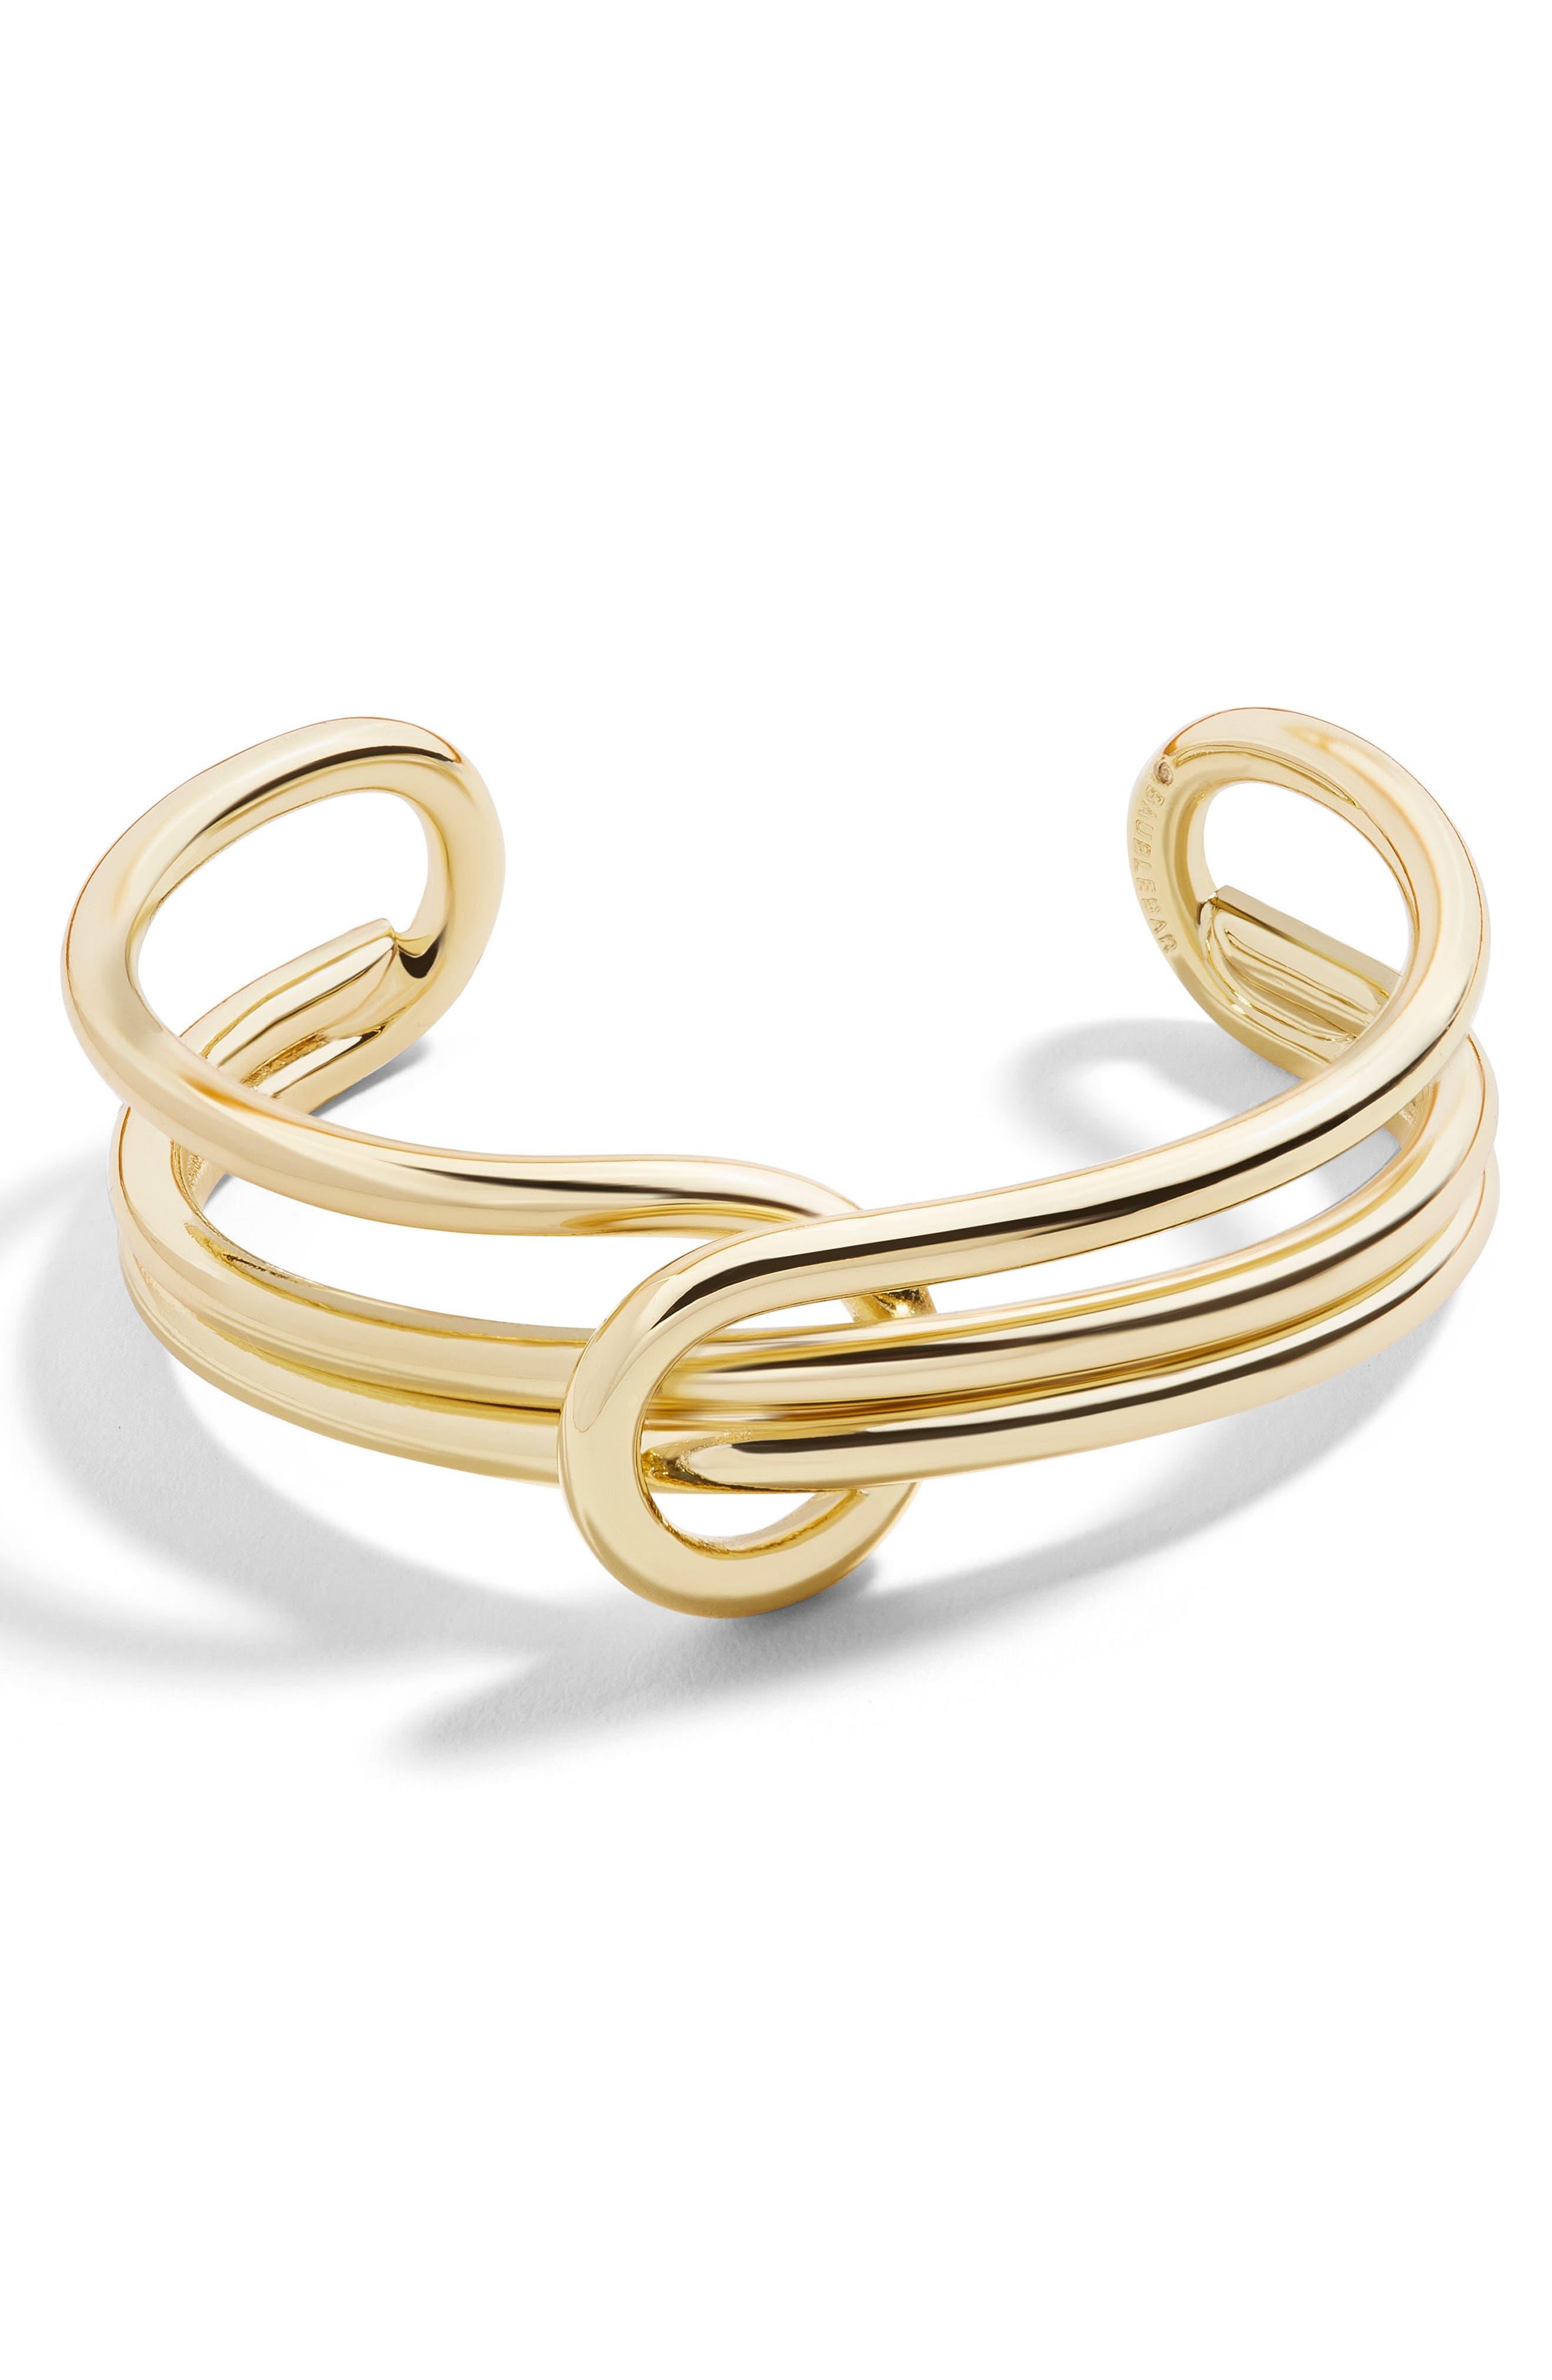 Shyanna Cuff Bracelet,                             Main thumbnail 1, color,                             710